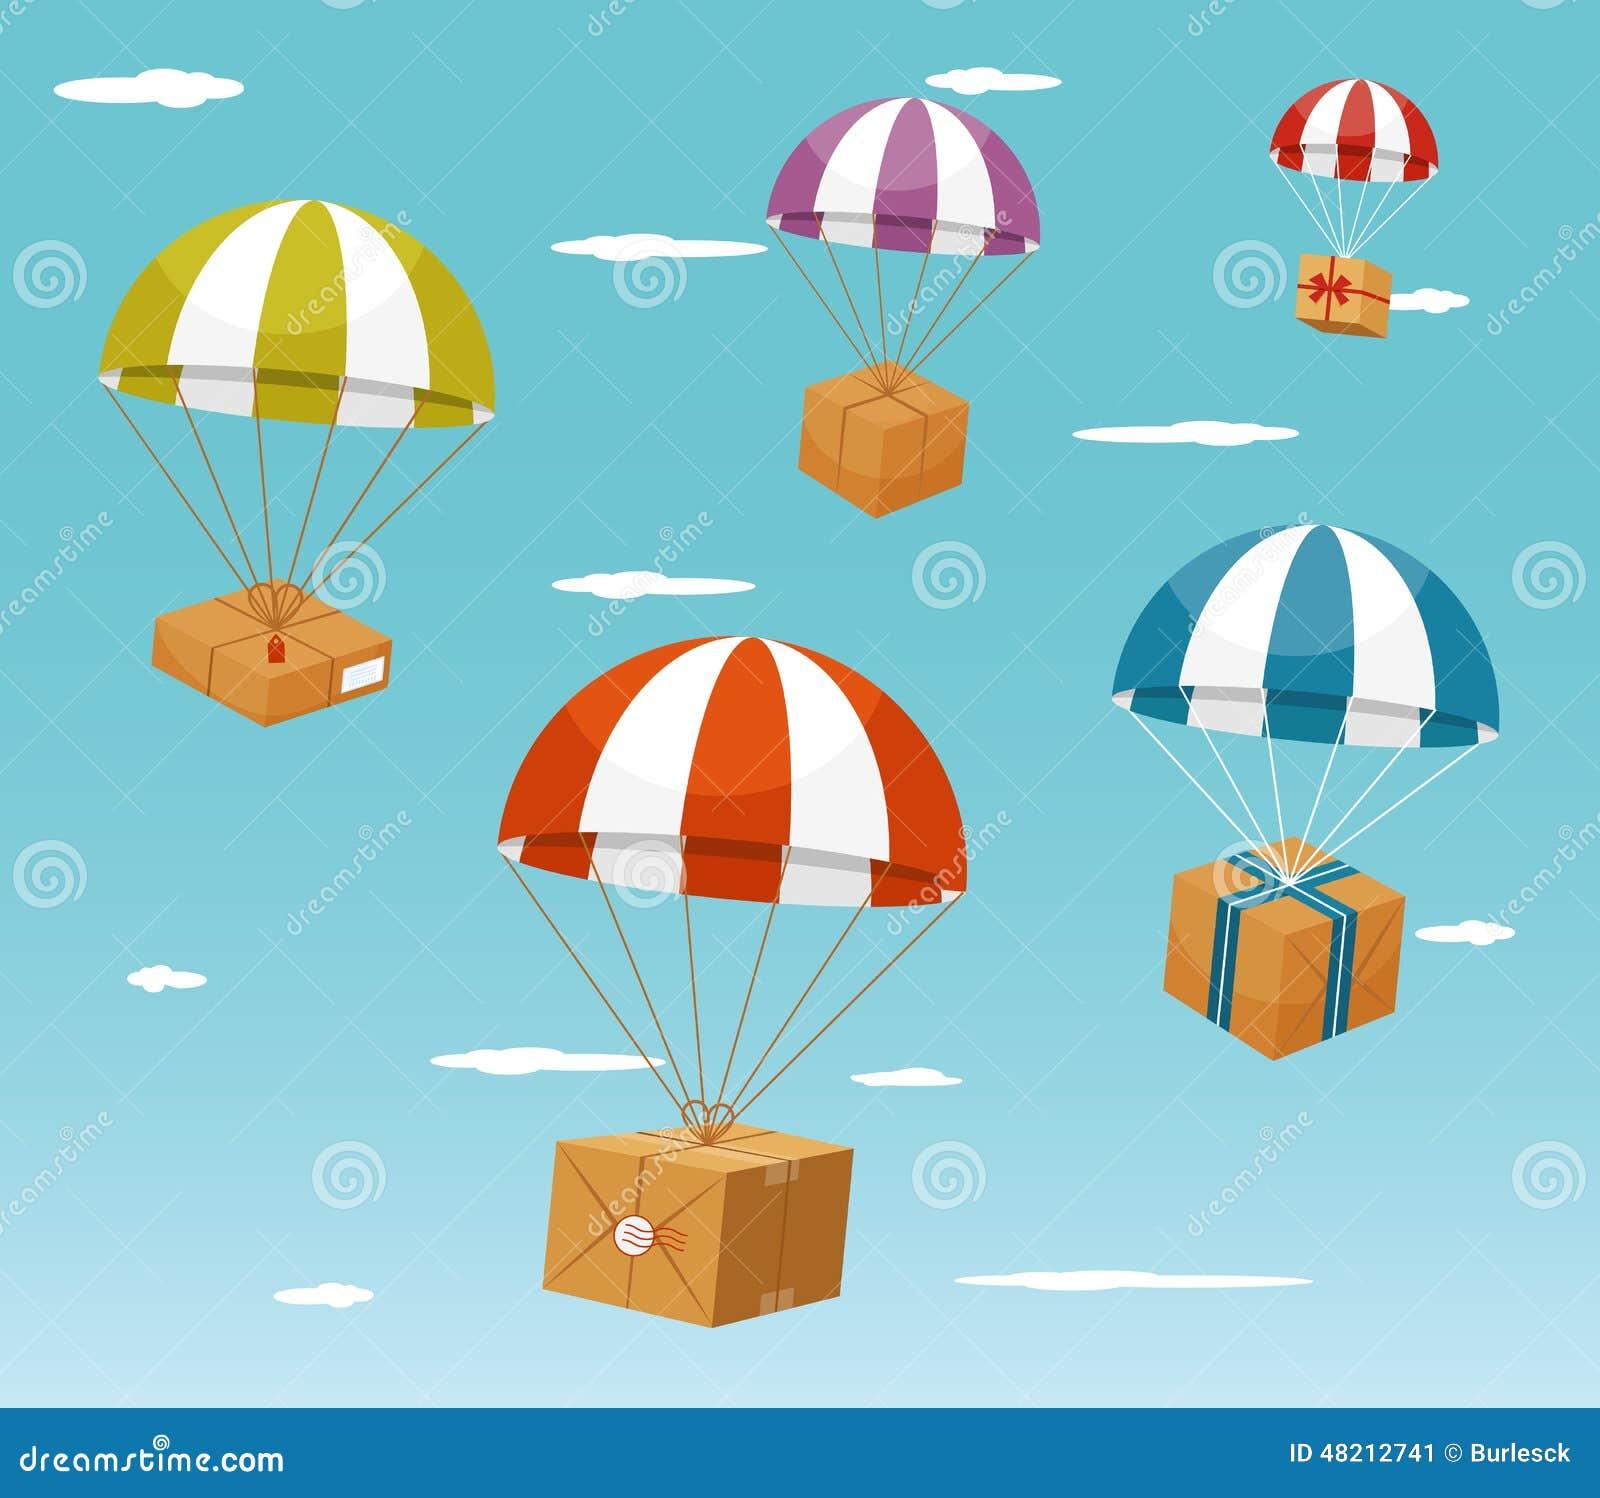 动画礼物盒子卡通图片展示图片